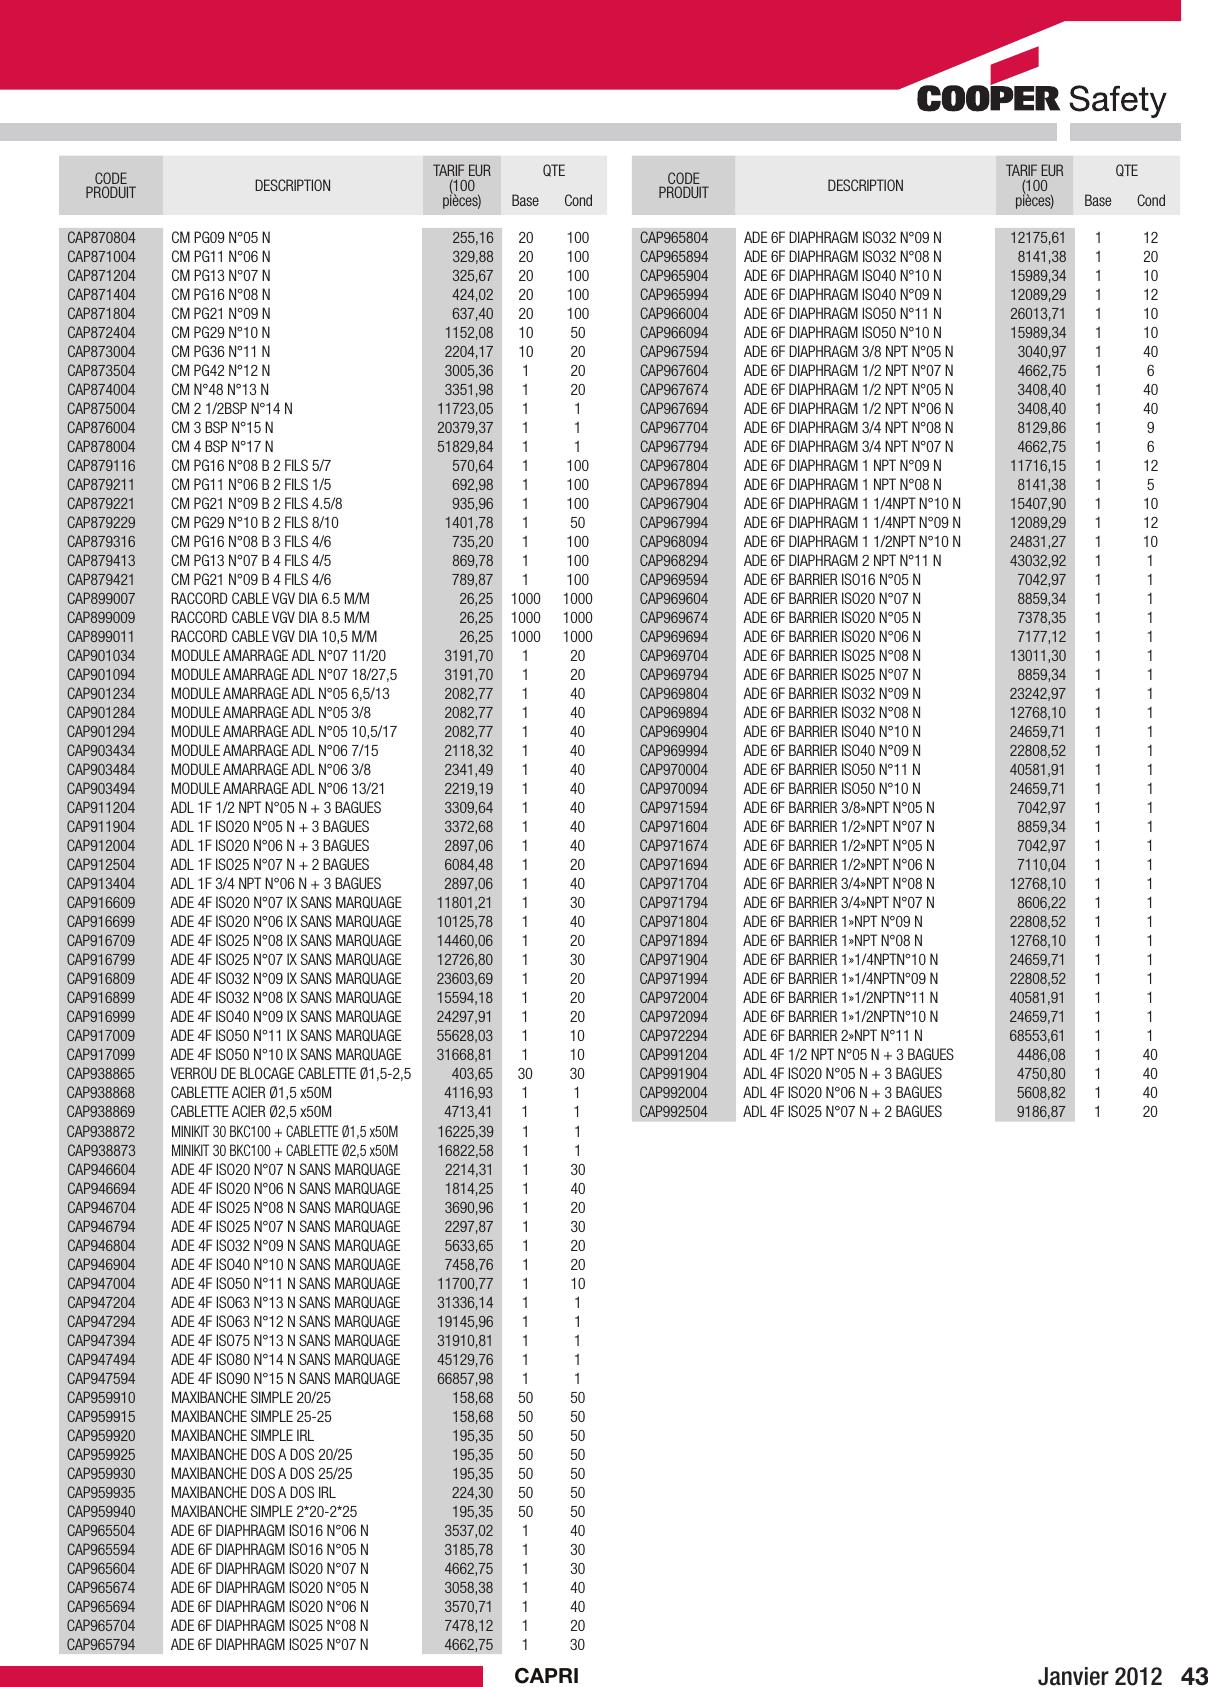 DEL Encastré 12-24VDC 12-24VAC Découpe 1 Pcs D13mm IP20 Indicateur